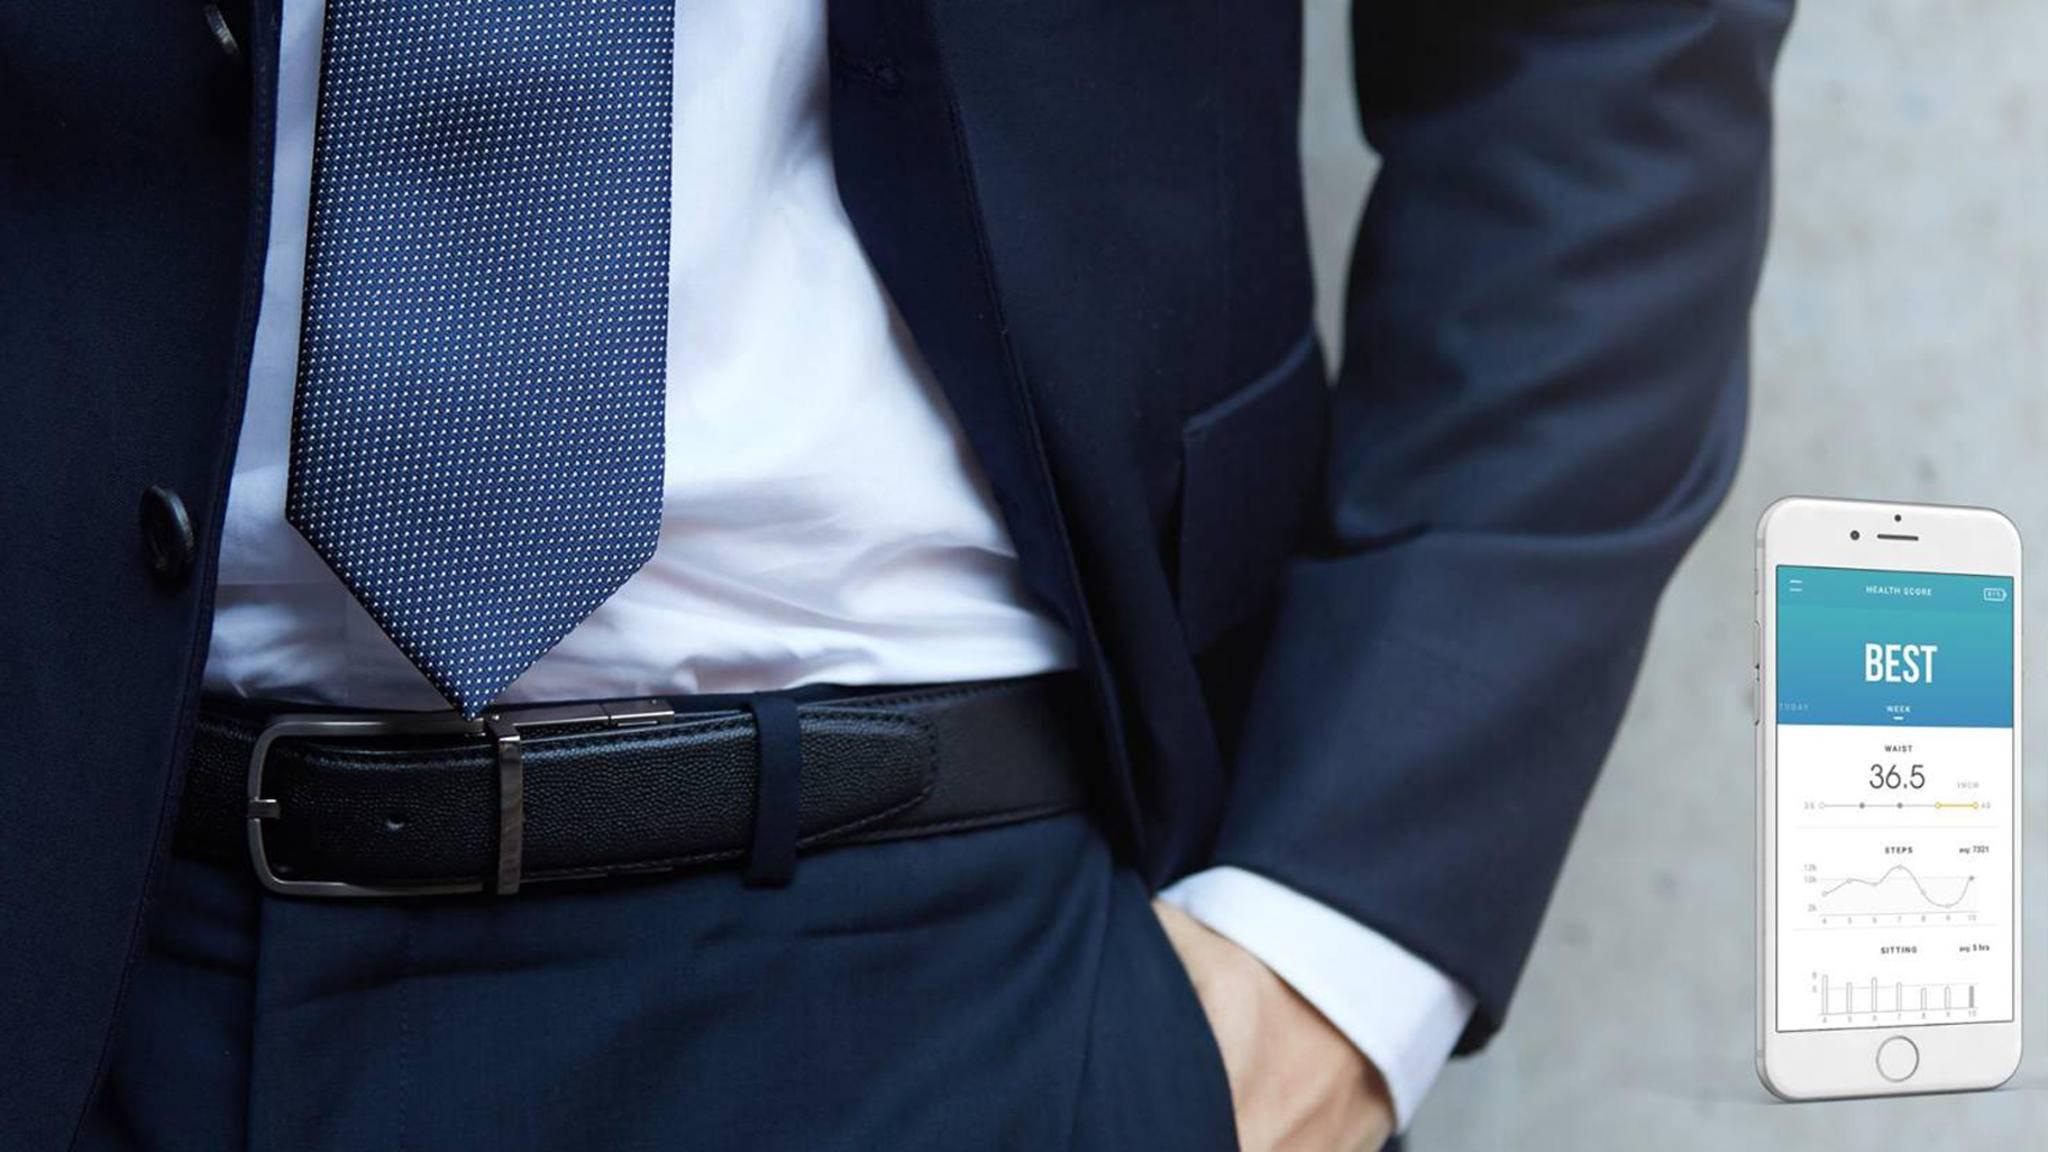 Der smarte Gürtel Welt ist ein dezenter Fitness-Tracker.